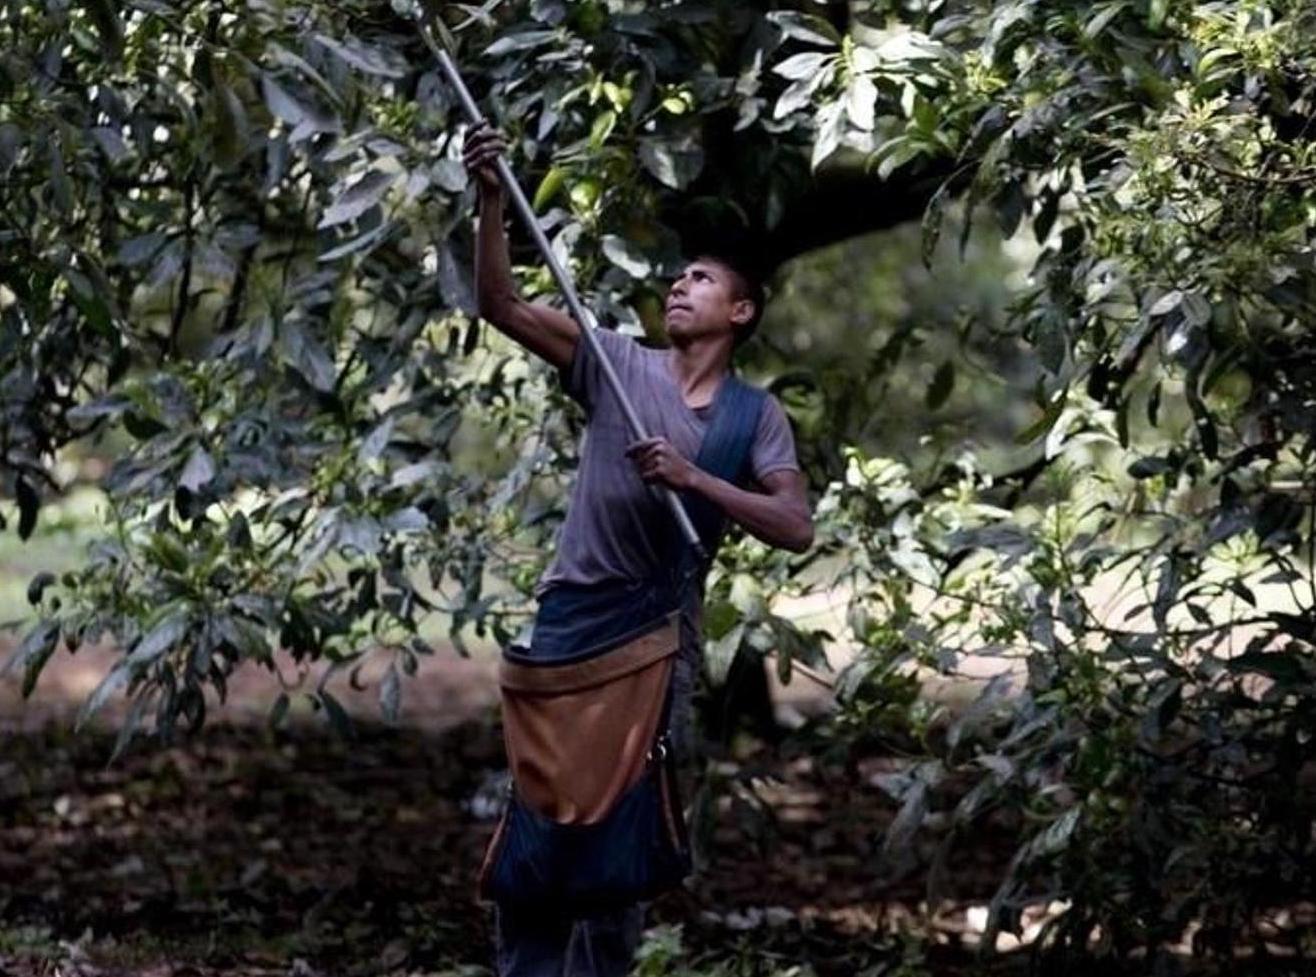 Im weltgrössten Anbauland Mexiko führt der Avocado-Hype zu illegaler Abholzung. Jedes Jahr werden laut «Huffington Post» 1500 bis 4000 Hektaren Wald gerodet, um Platz für Avocado-Felder zu schaffen. AP/Eduardo Verdugo